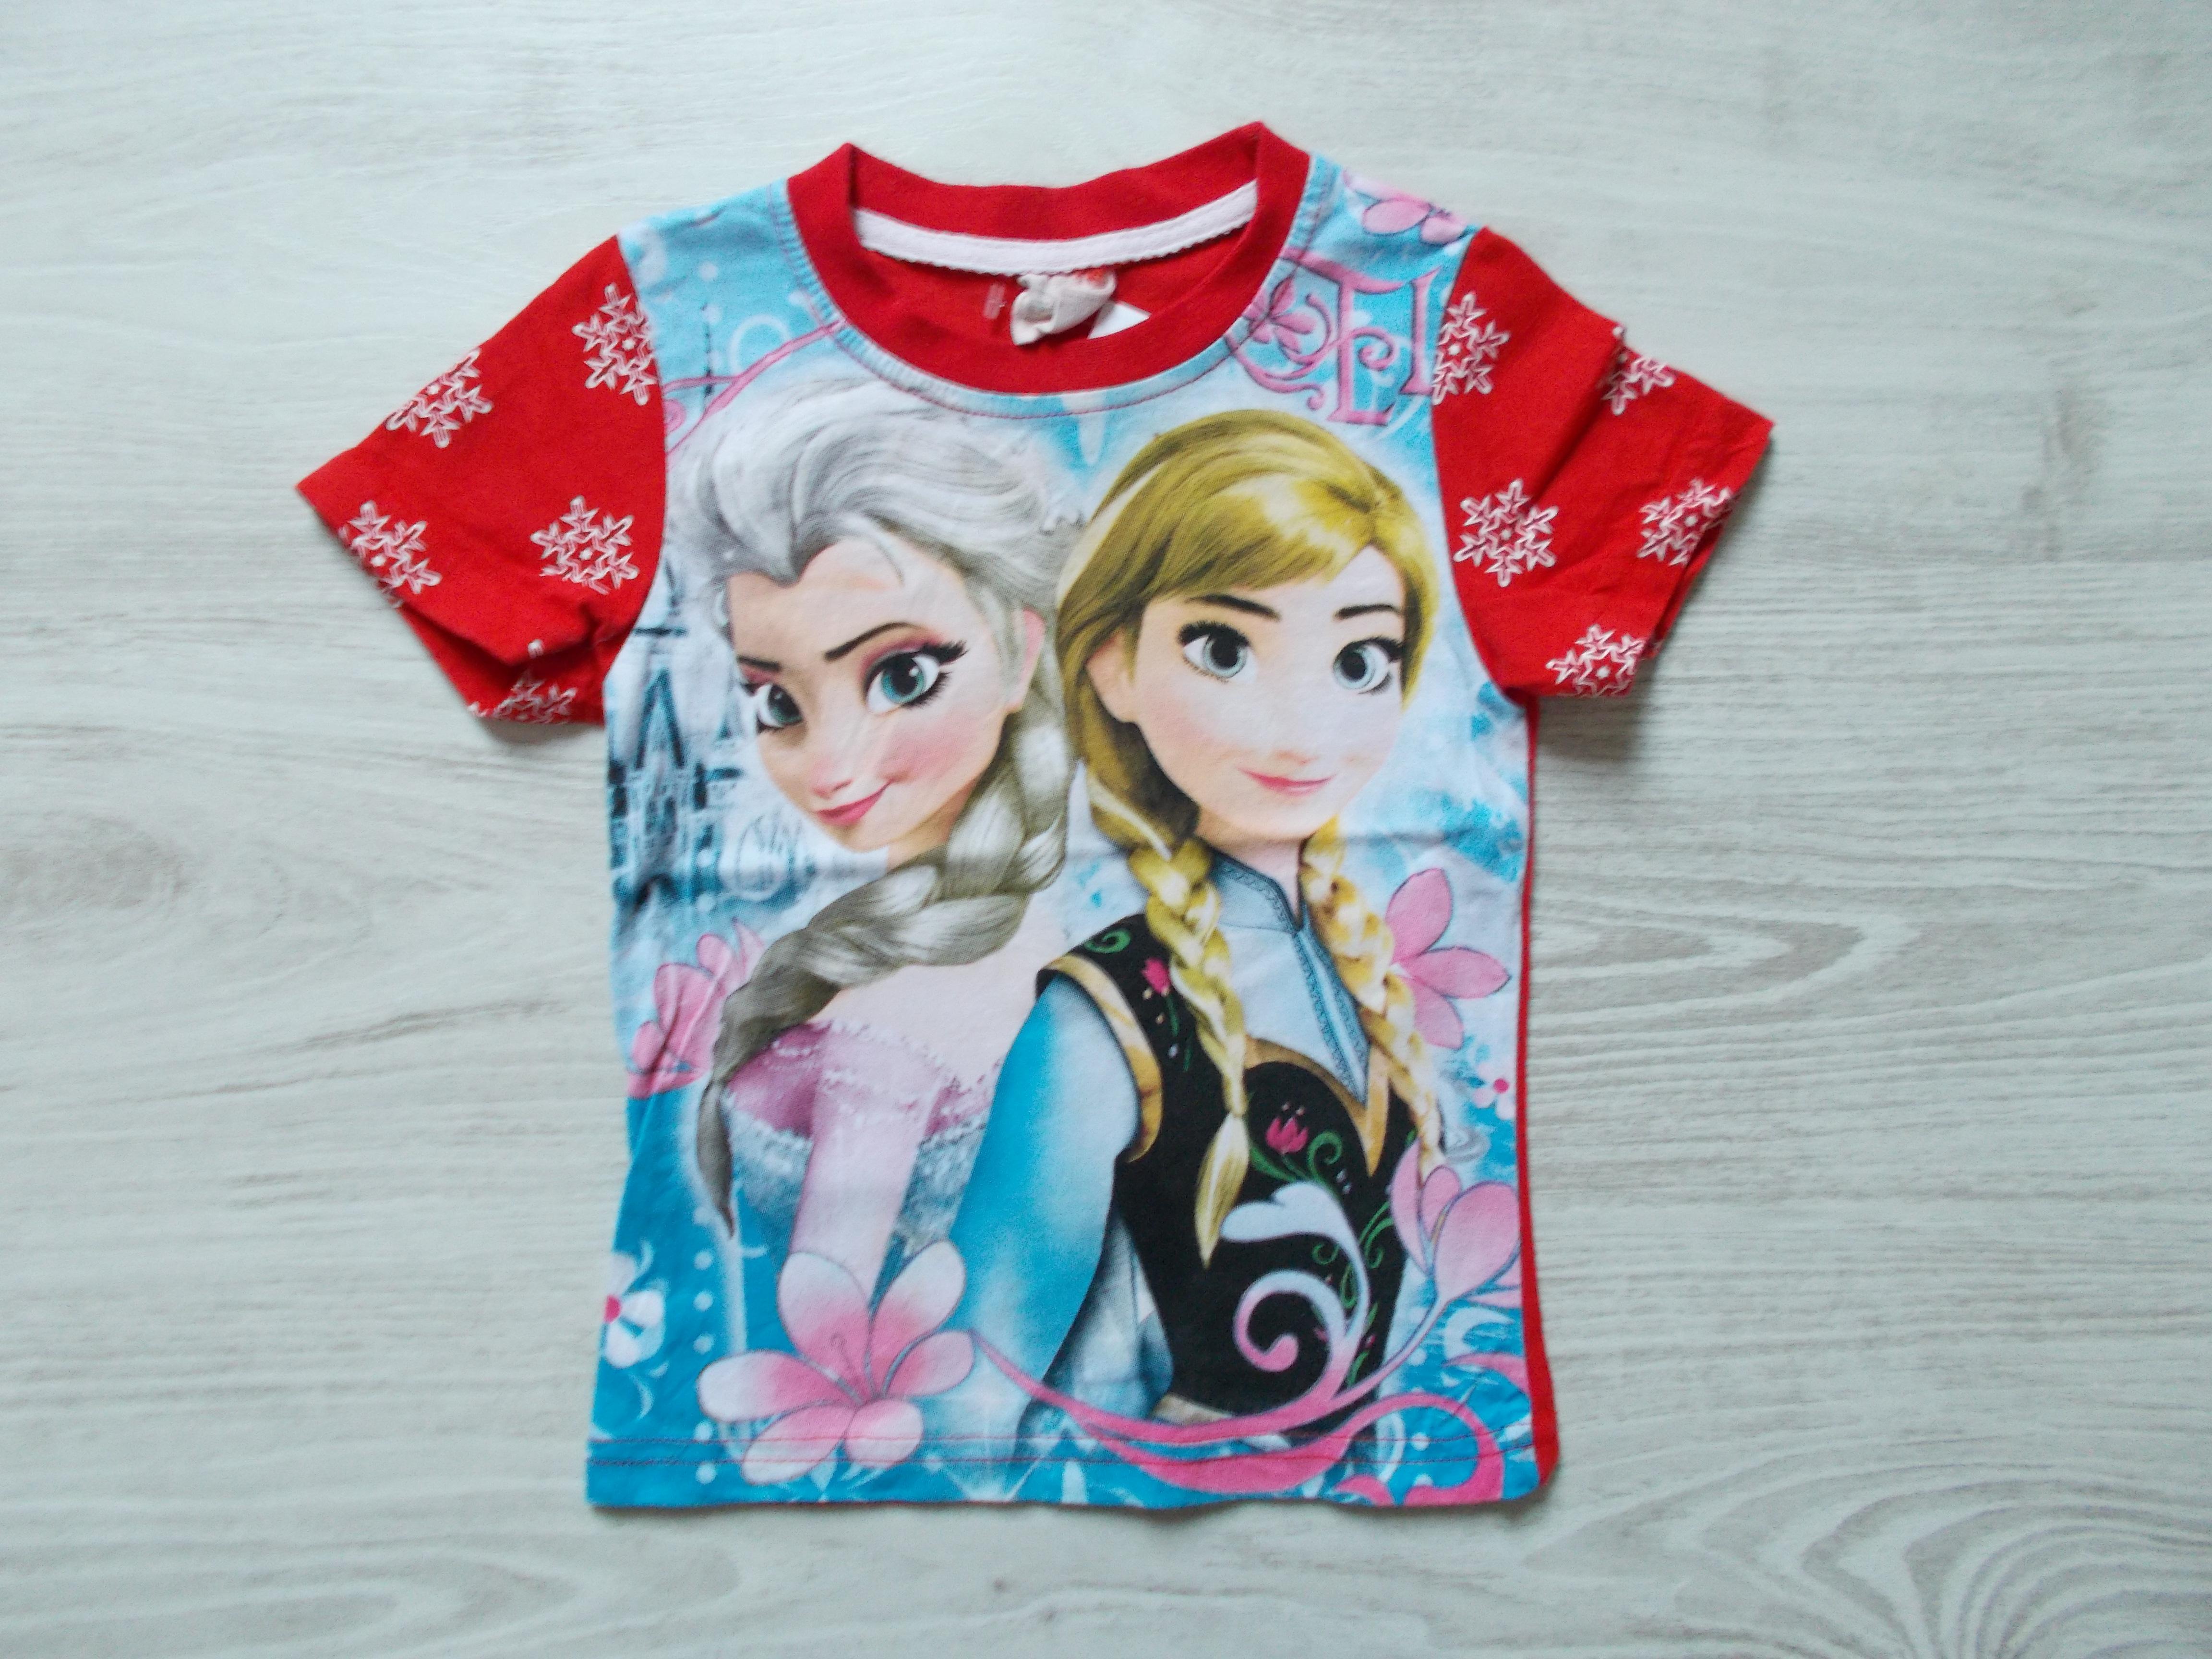 Jégvarázs póló  92 (18-24 hó)   Lány ruhák     Lótusz Gyerekruha Webshop c67a996c48